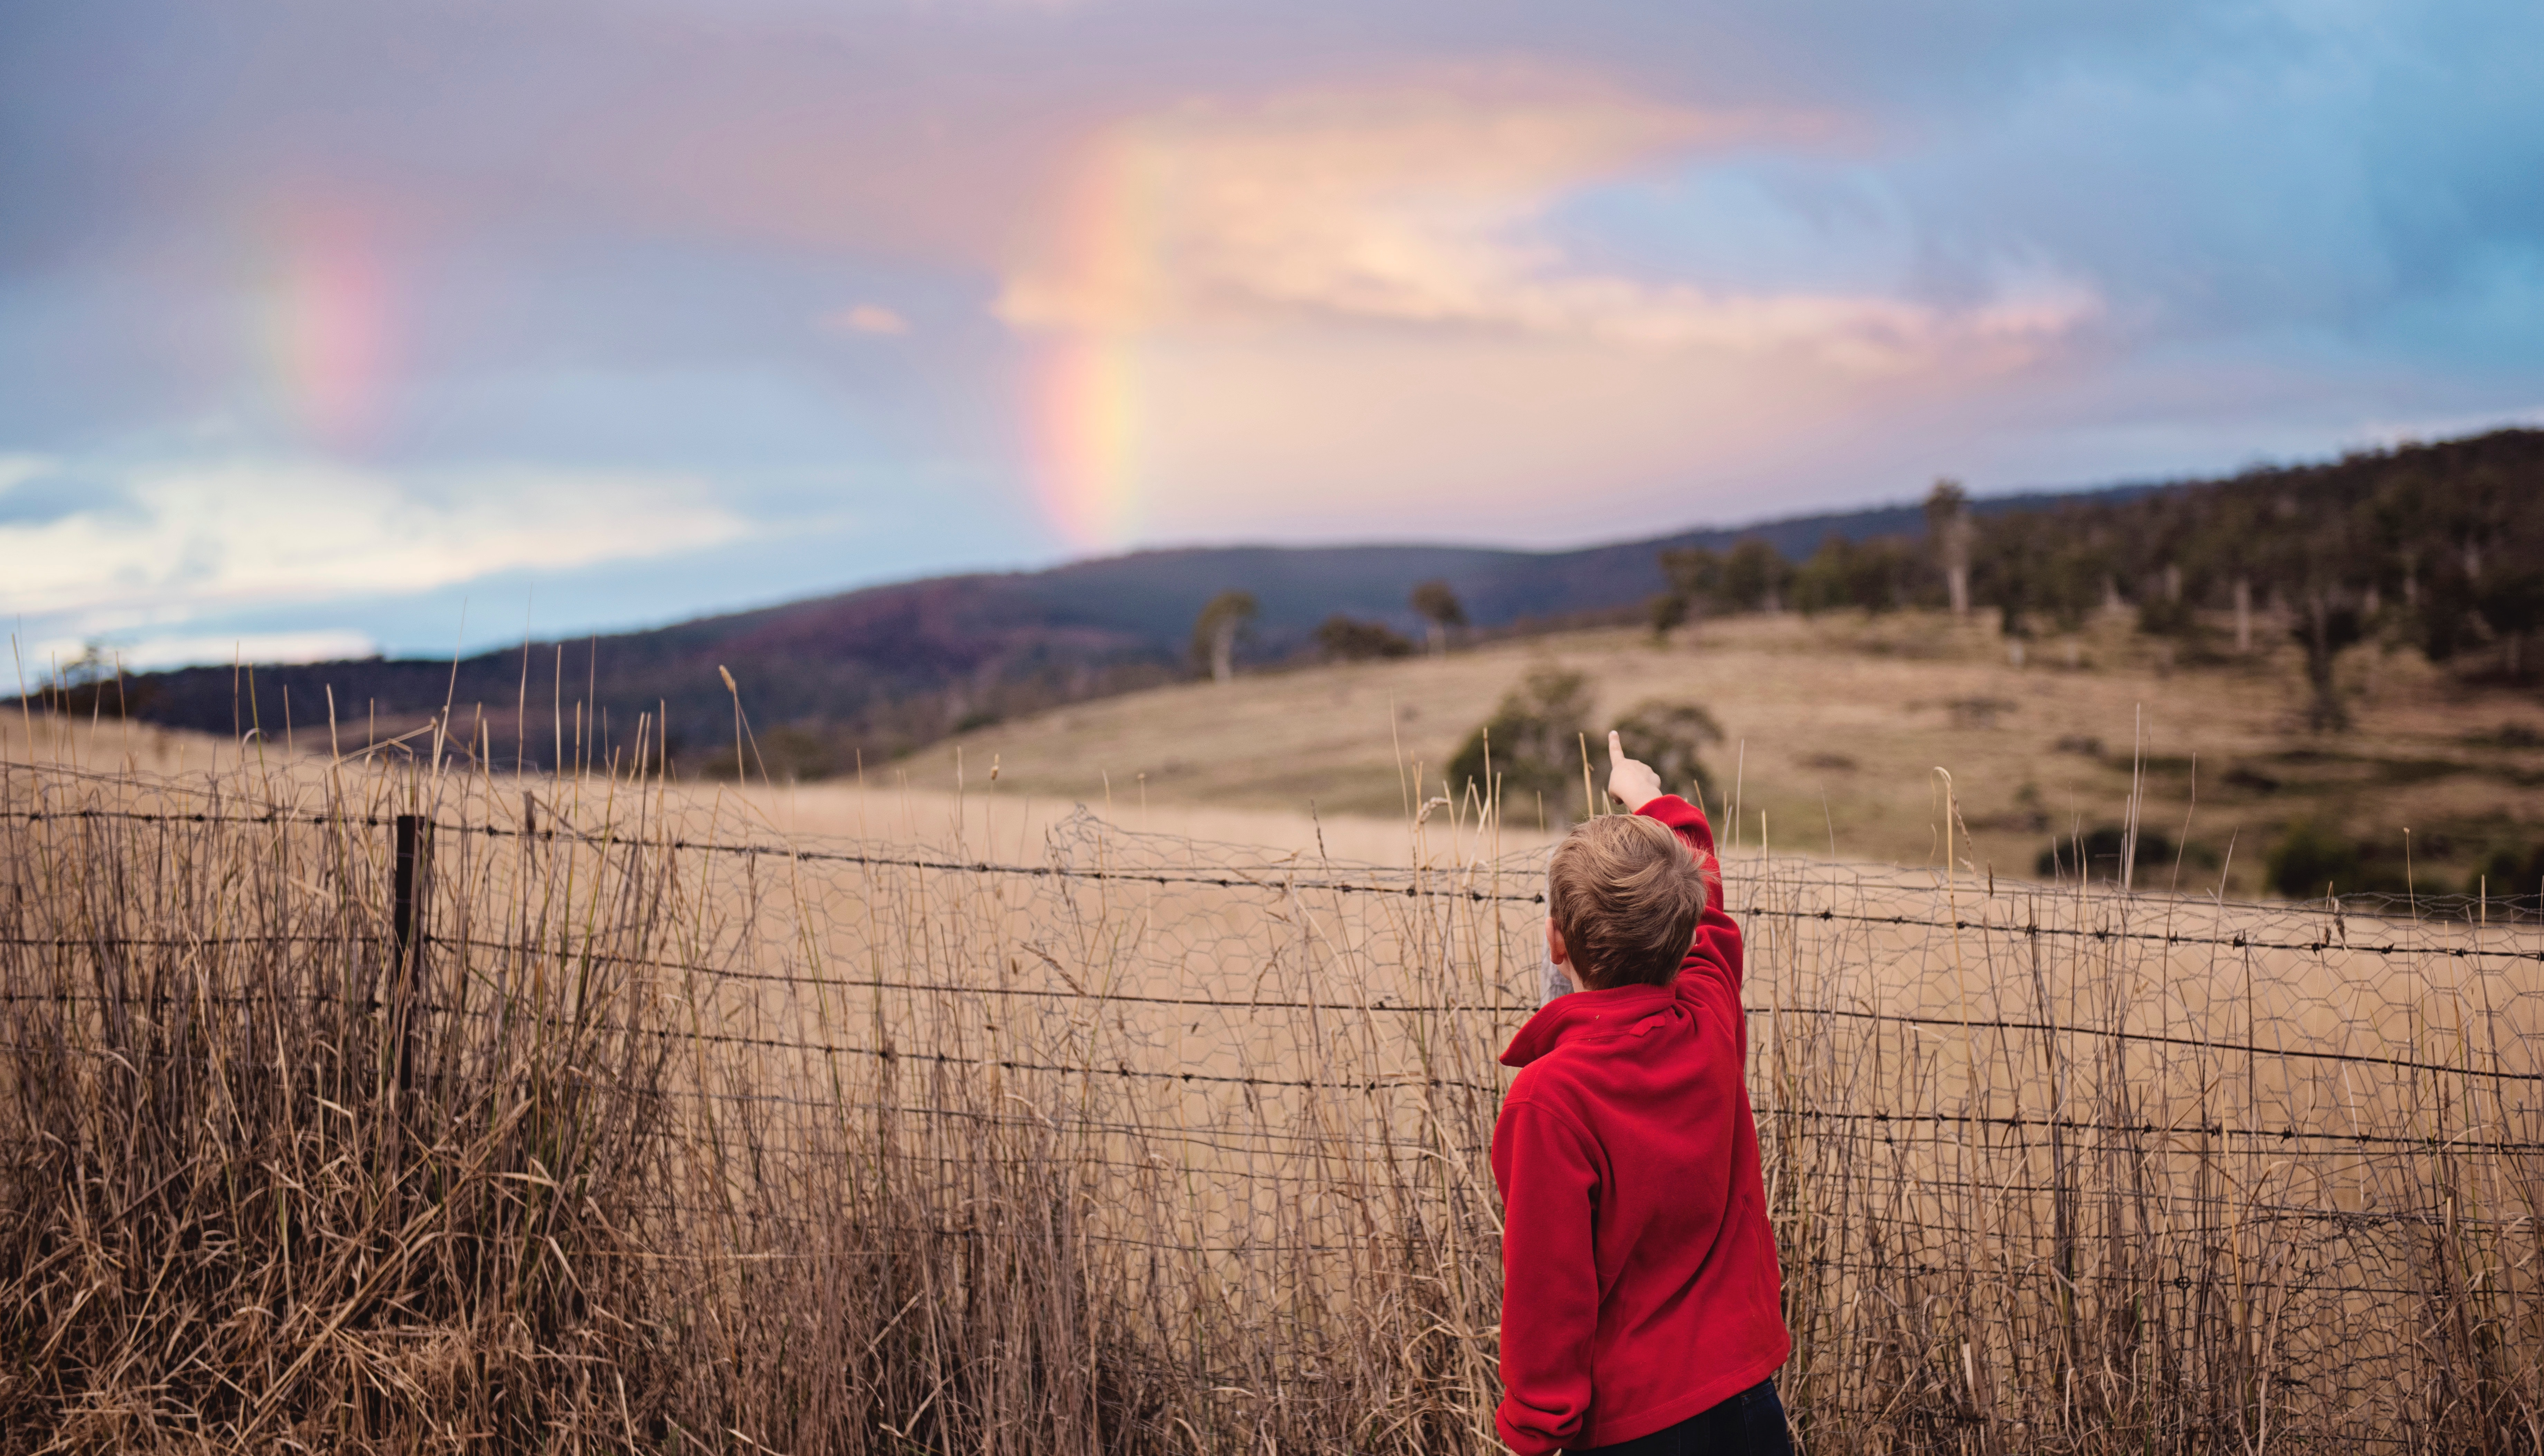 空を指さす少年の写真